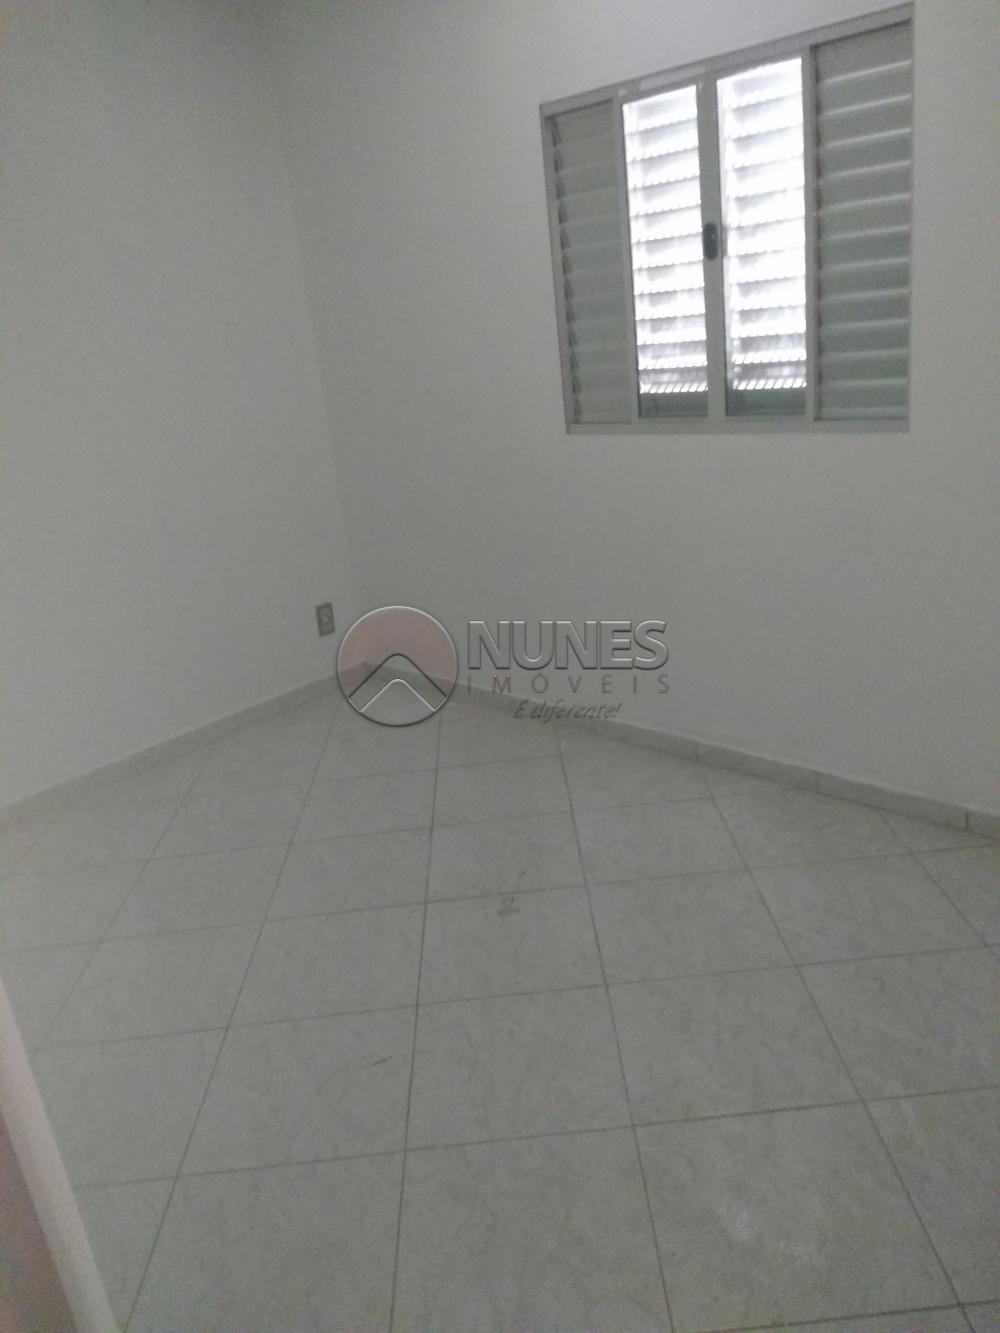 Comprar Casa / Imovel para Renda em Carapicuíba apenas R$ 250.000,00 - Foto 7